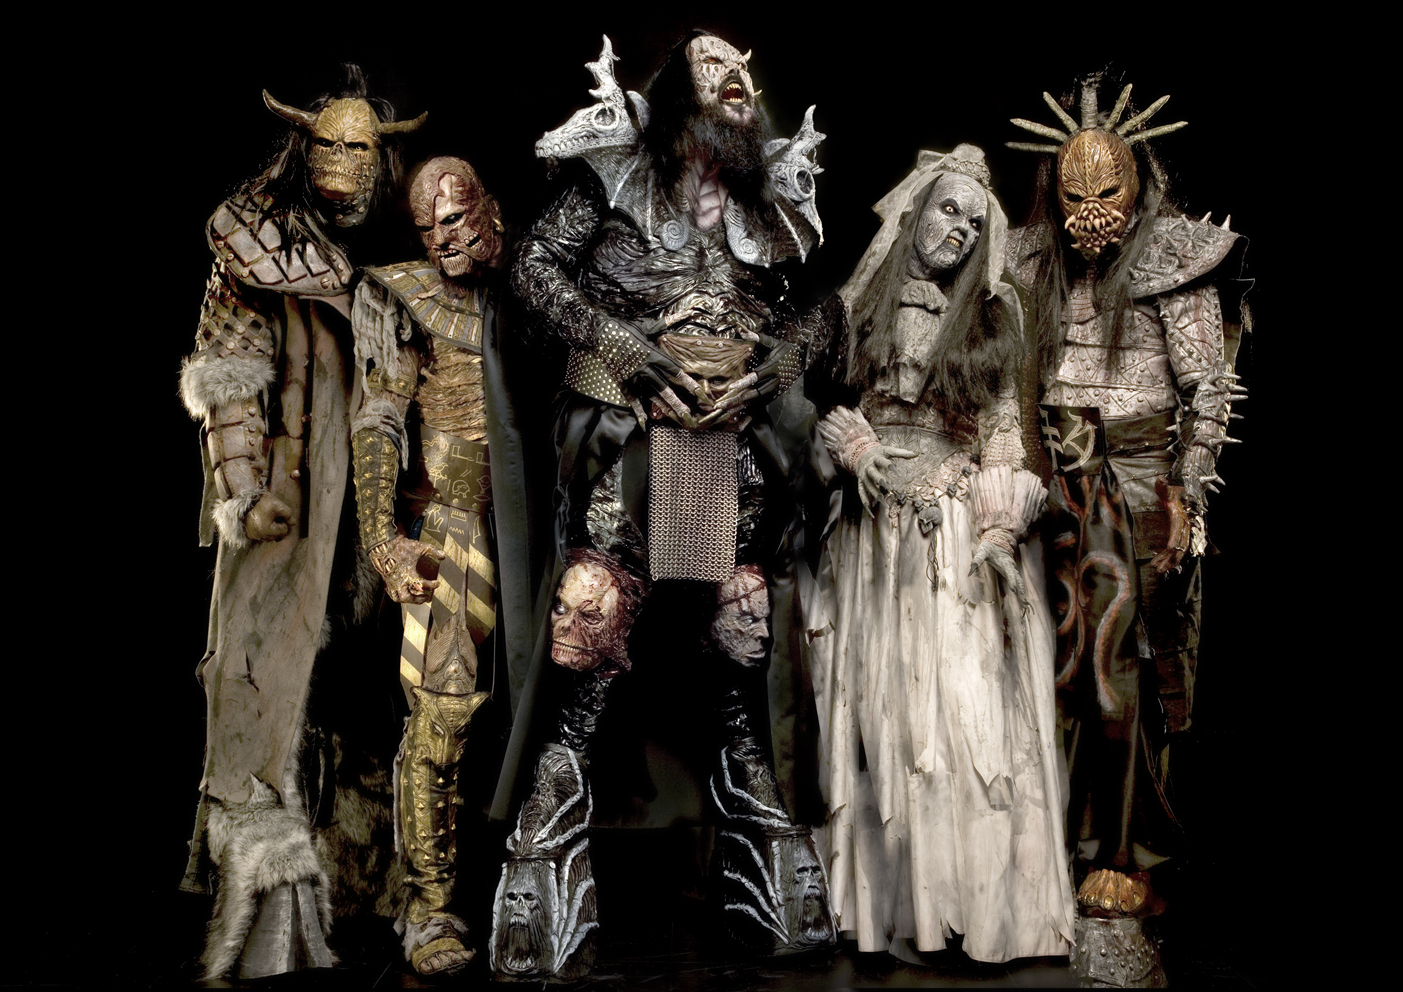 Lordi, cambios en la formación, próximo disco y gira